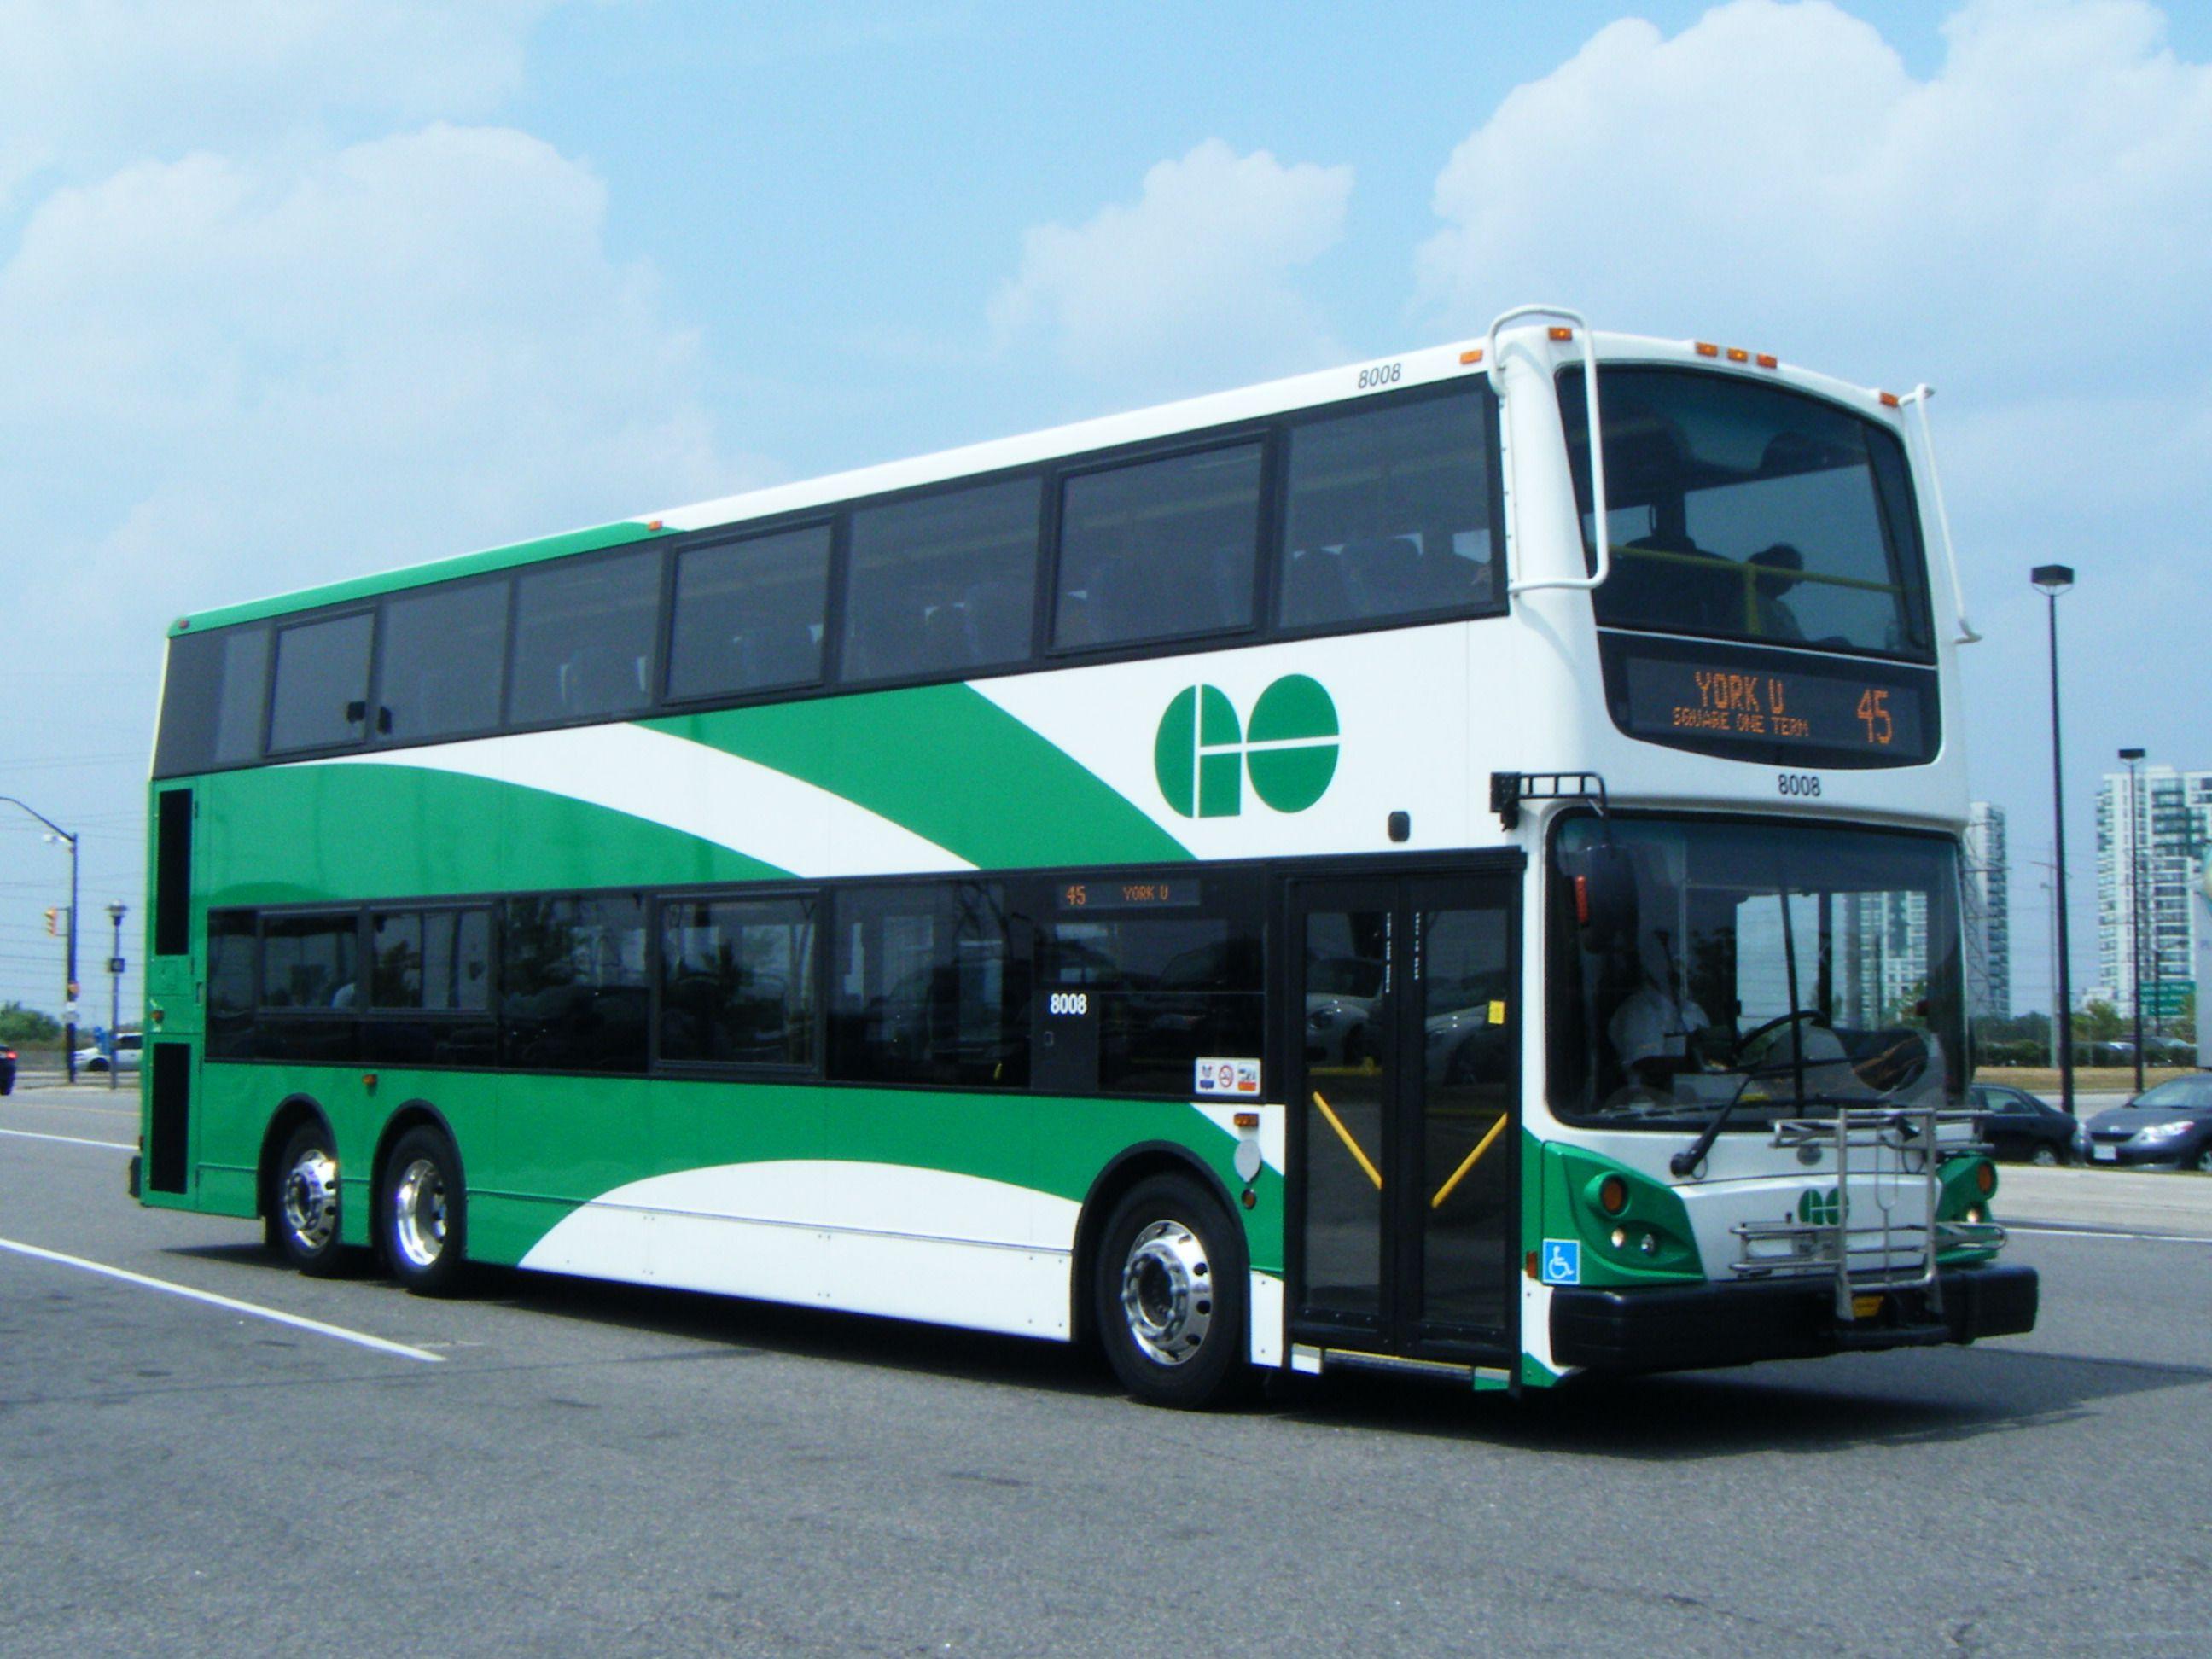 Go Transit 8008 Jpg 2592 1944 Go Transit Bus Toronto